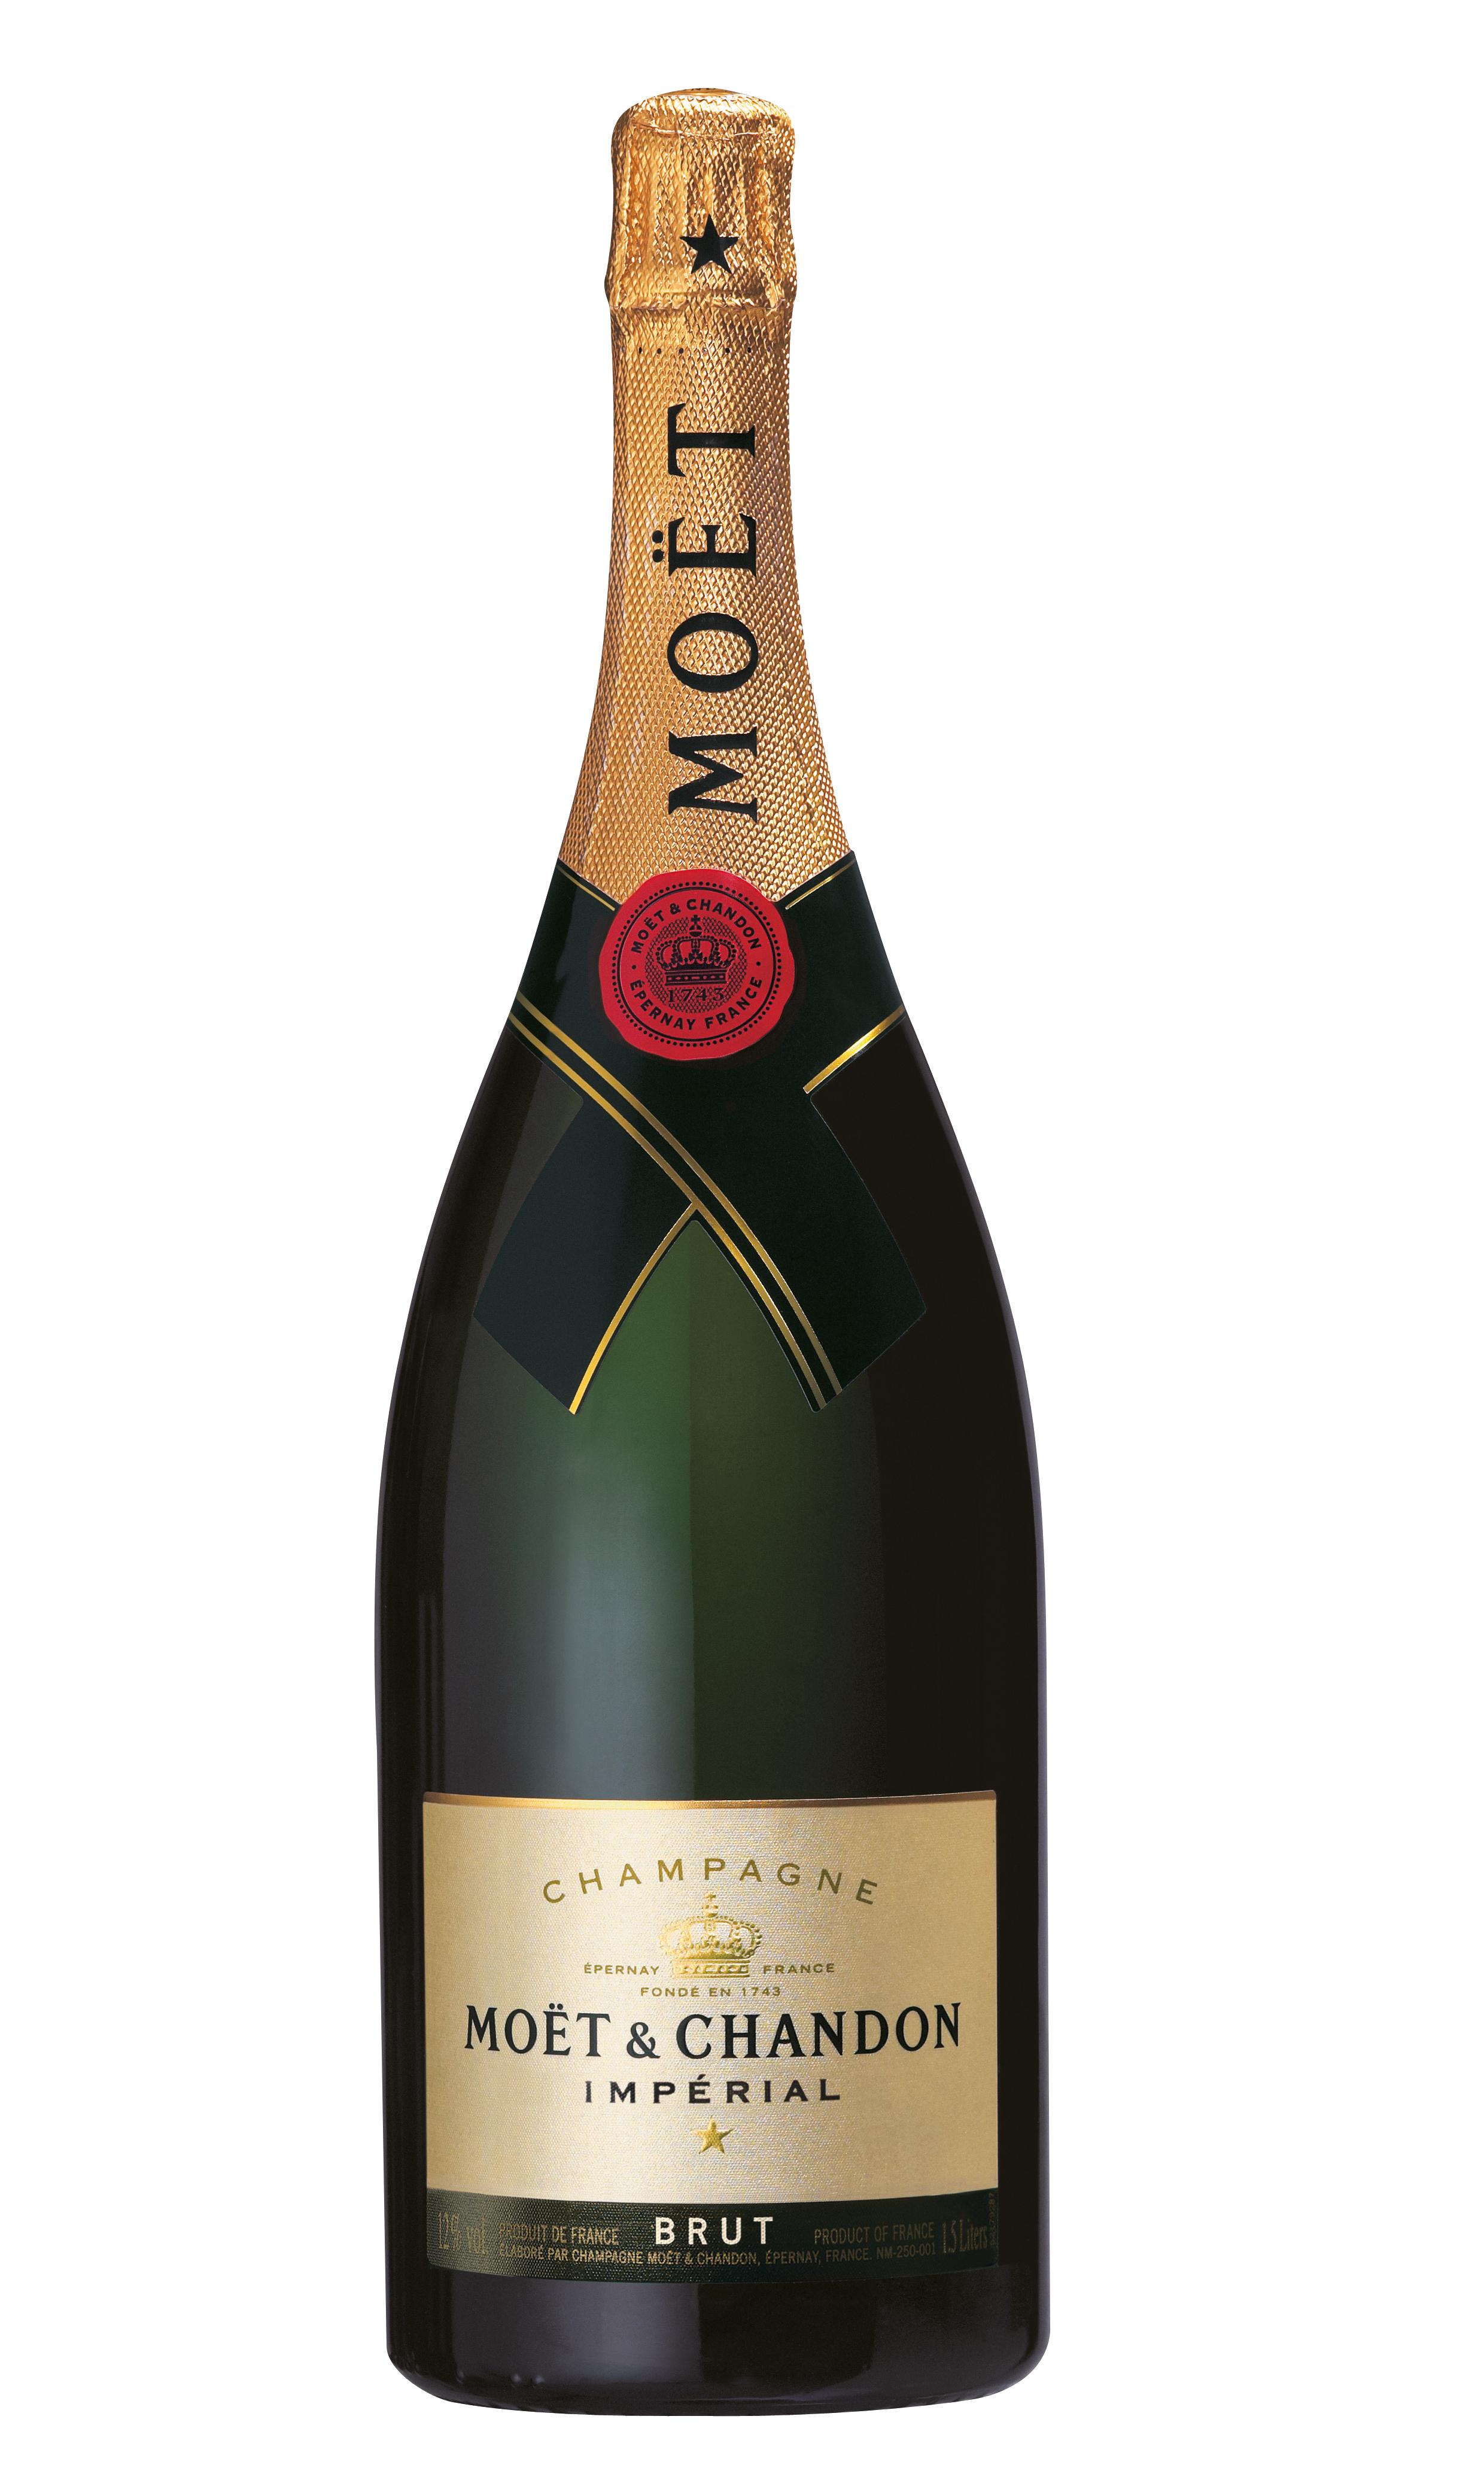 Champagner Moet & Chandon brut Imperial Magnumflasche